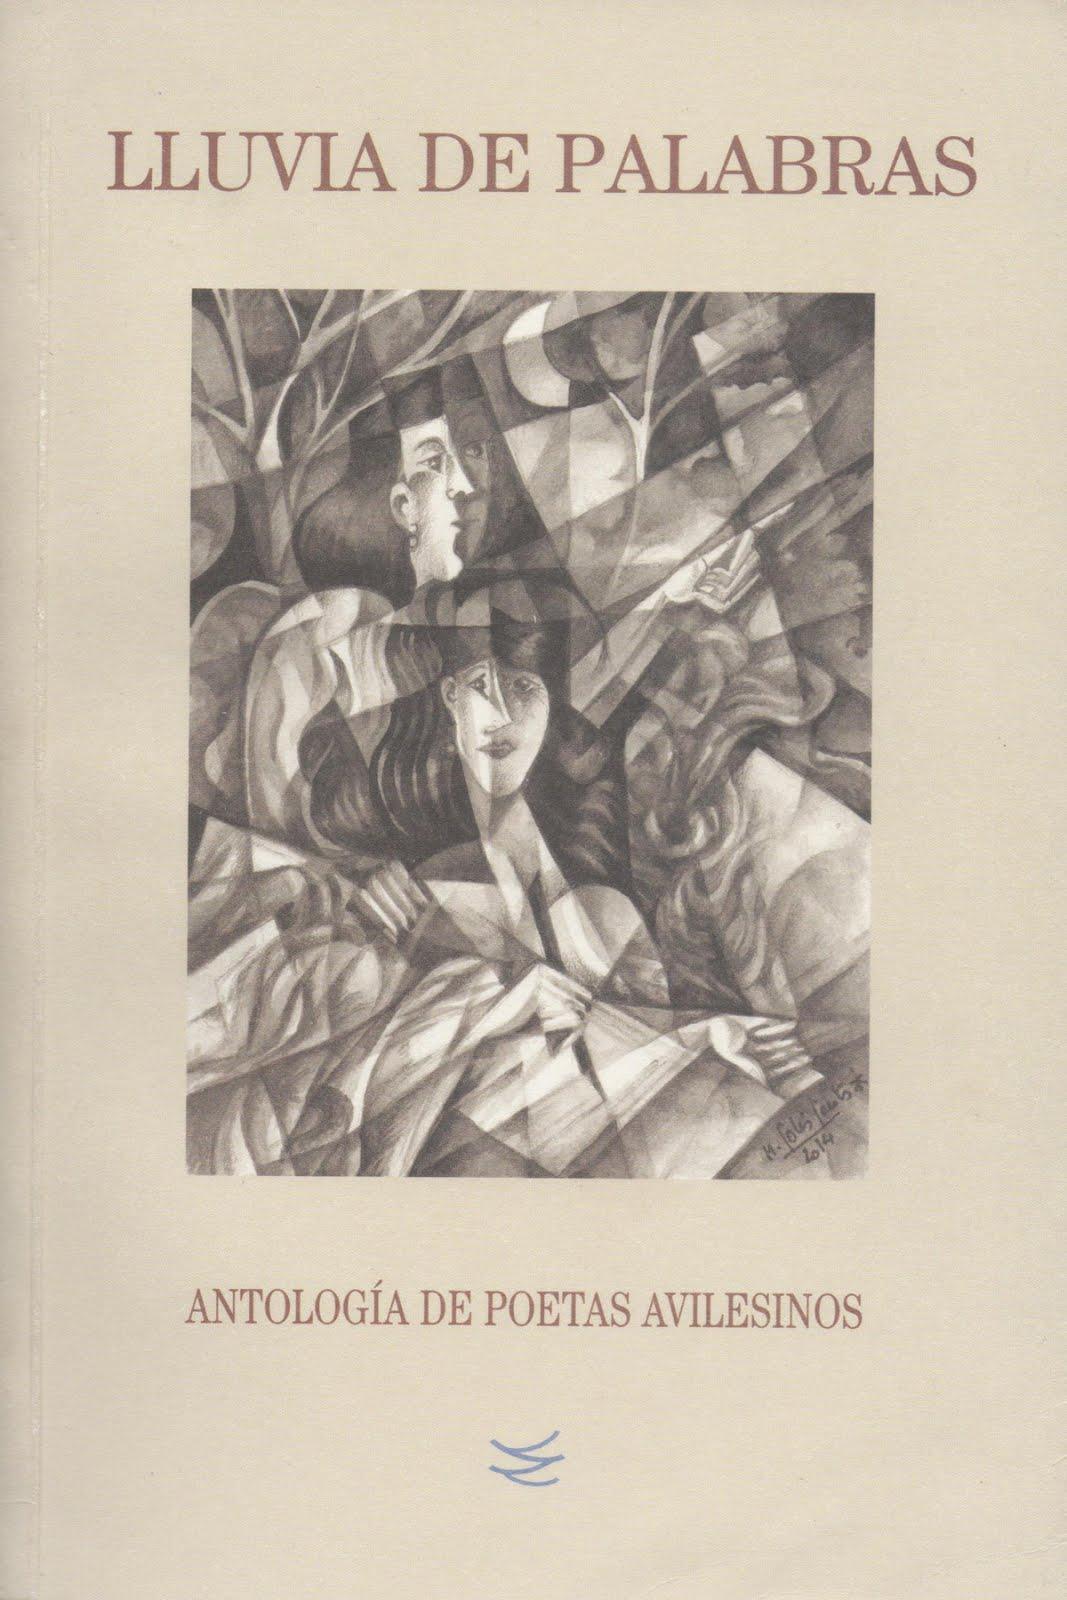 """""""LLUVIA DE PALABRAS. ANTOLOGÍA DE POETAS AVILESINOS"""" (Nieva, 2014)"""